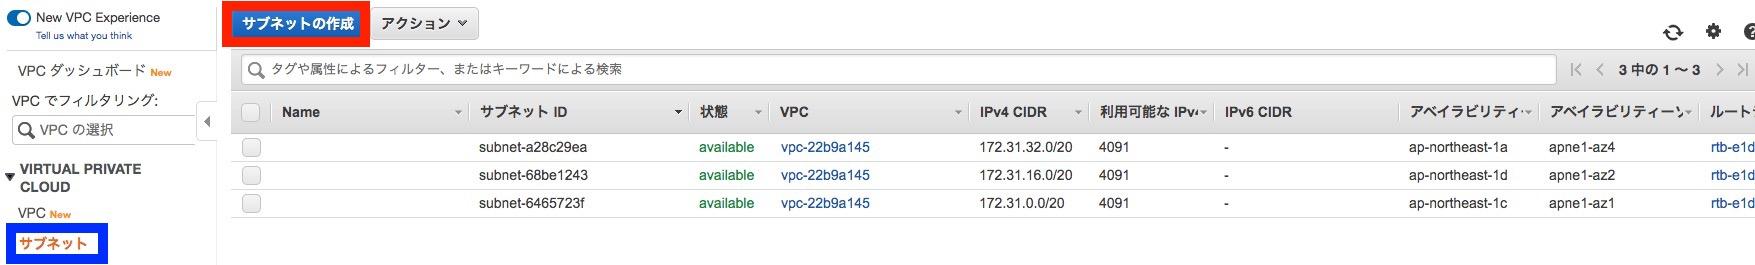 手順4:Amazon VPCにサブネット(パブリックとプライベート)を作成